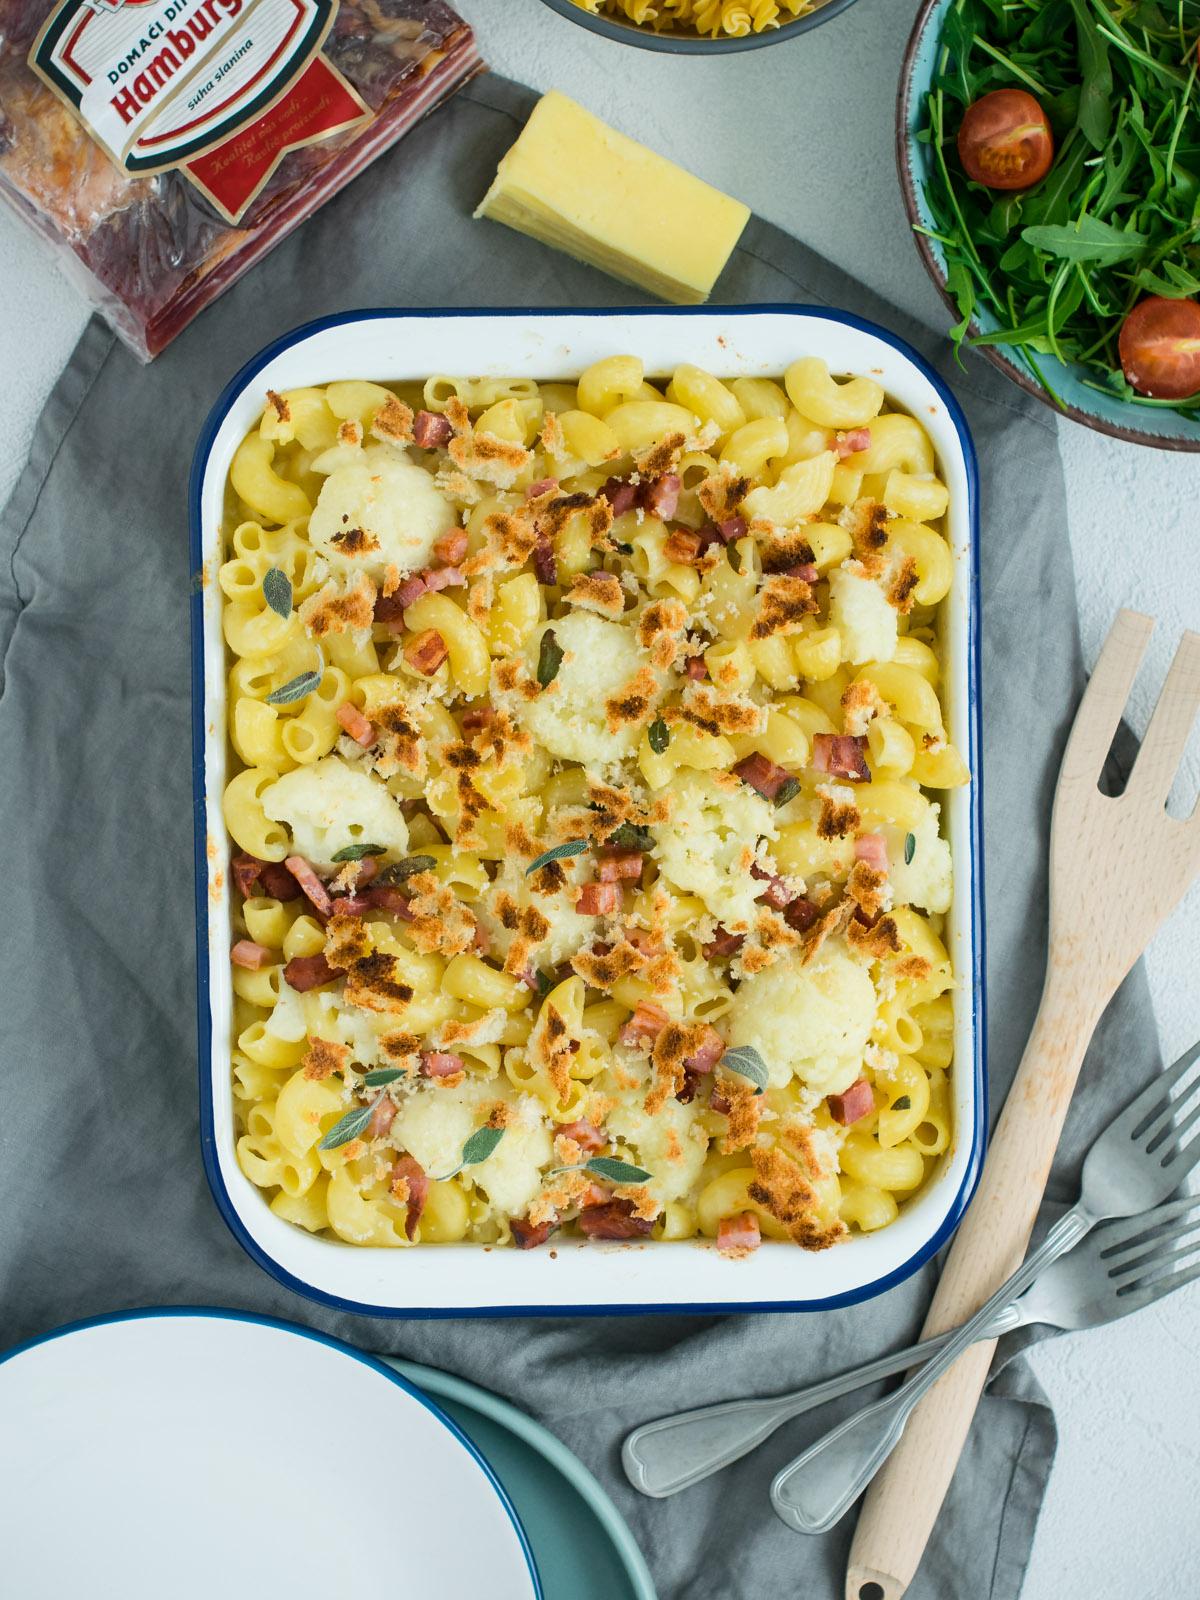 zapecena tjestenina s cvjetacom i slaninom-8